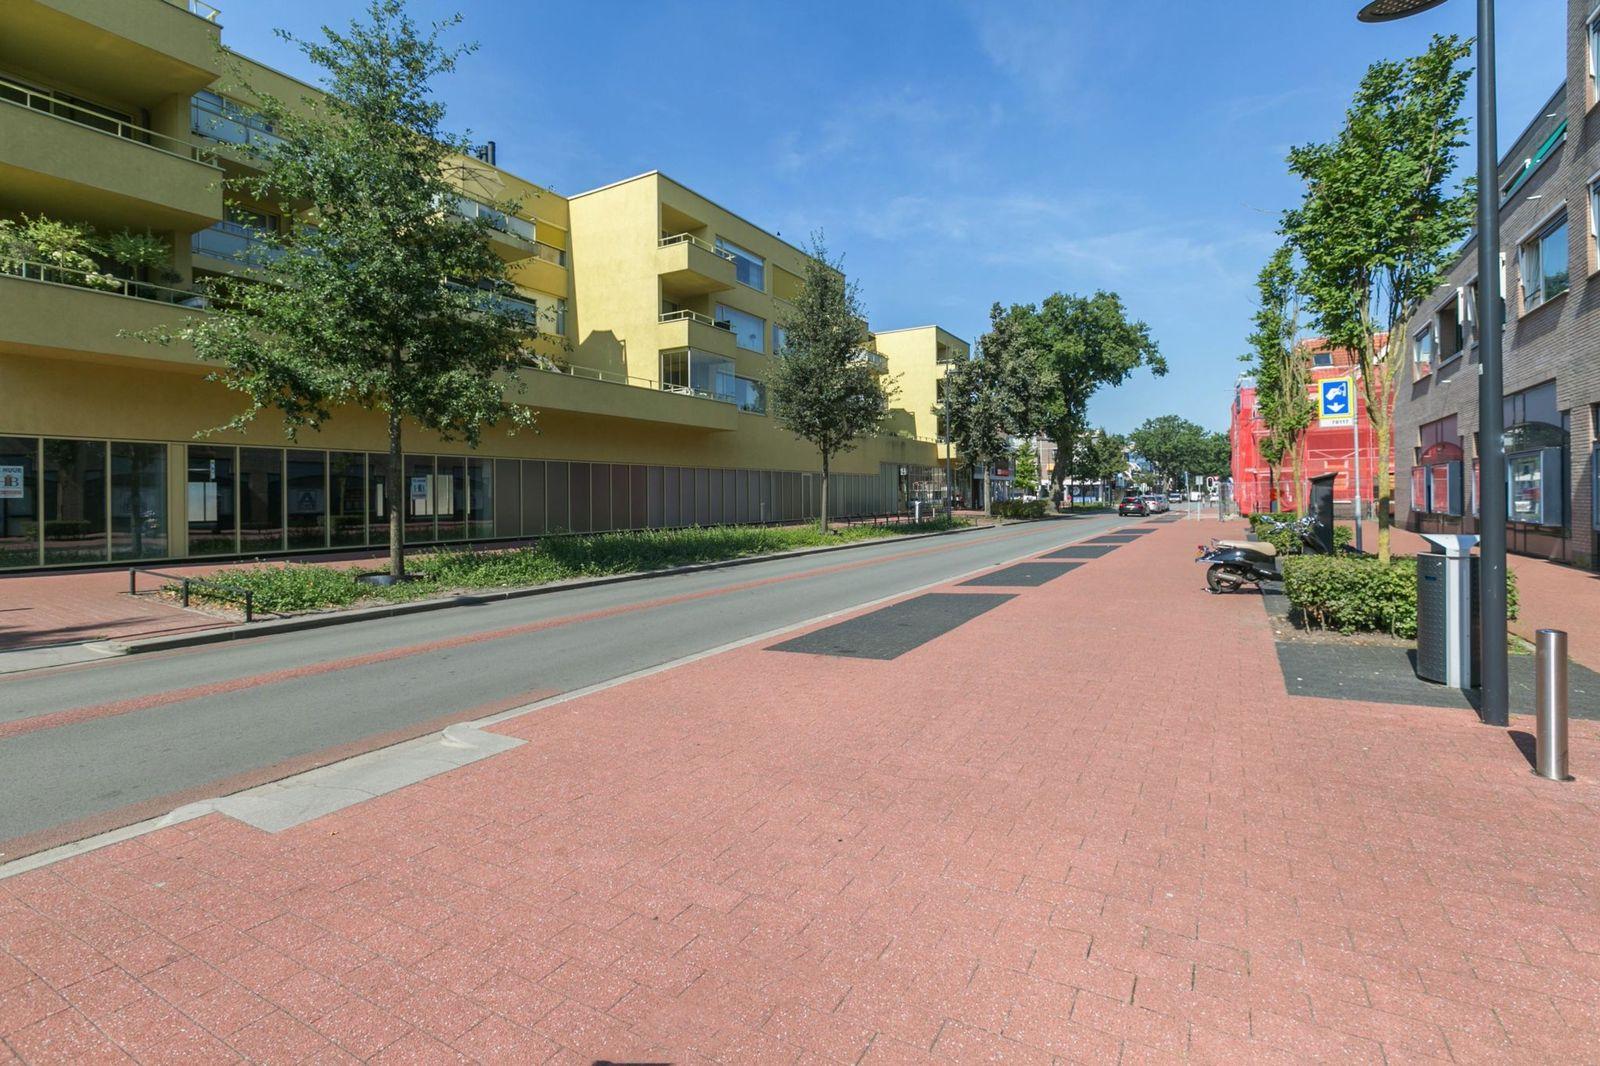 Wilhelminastraat, Emmen